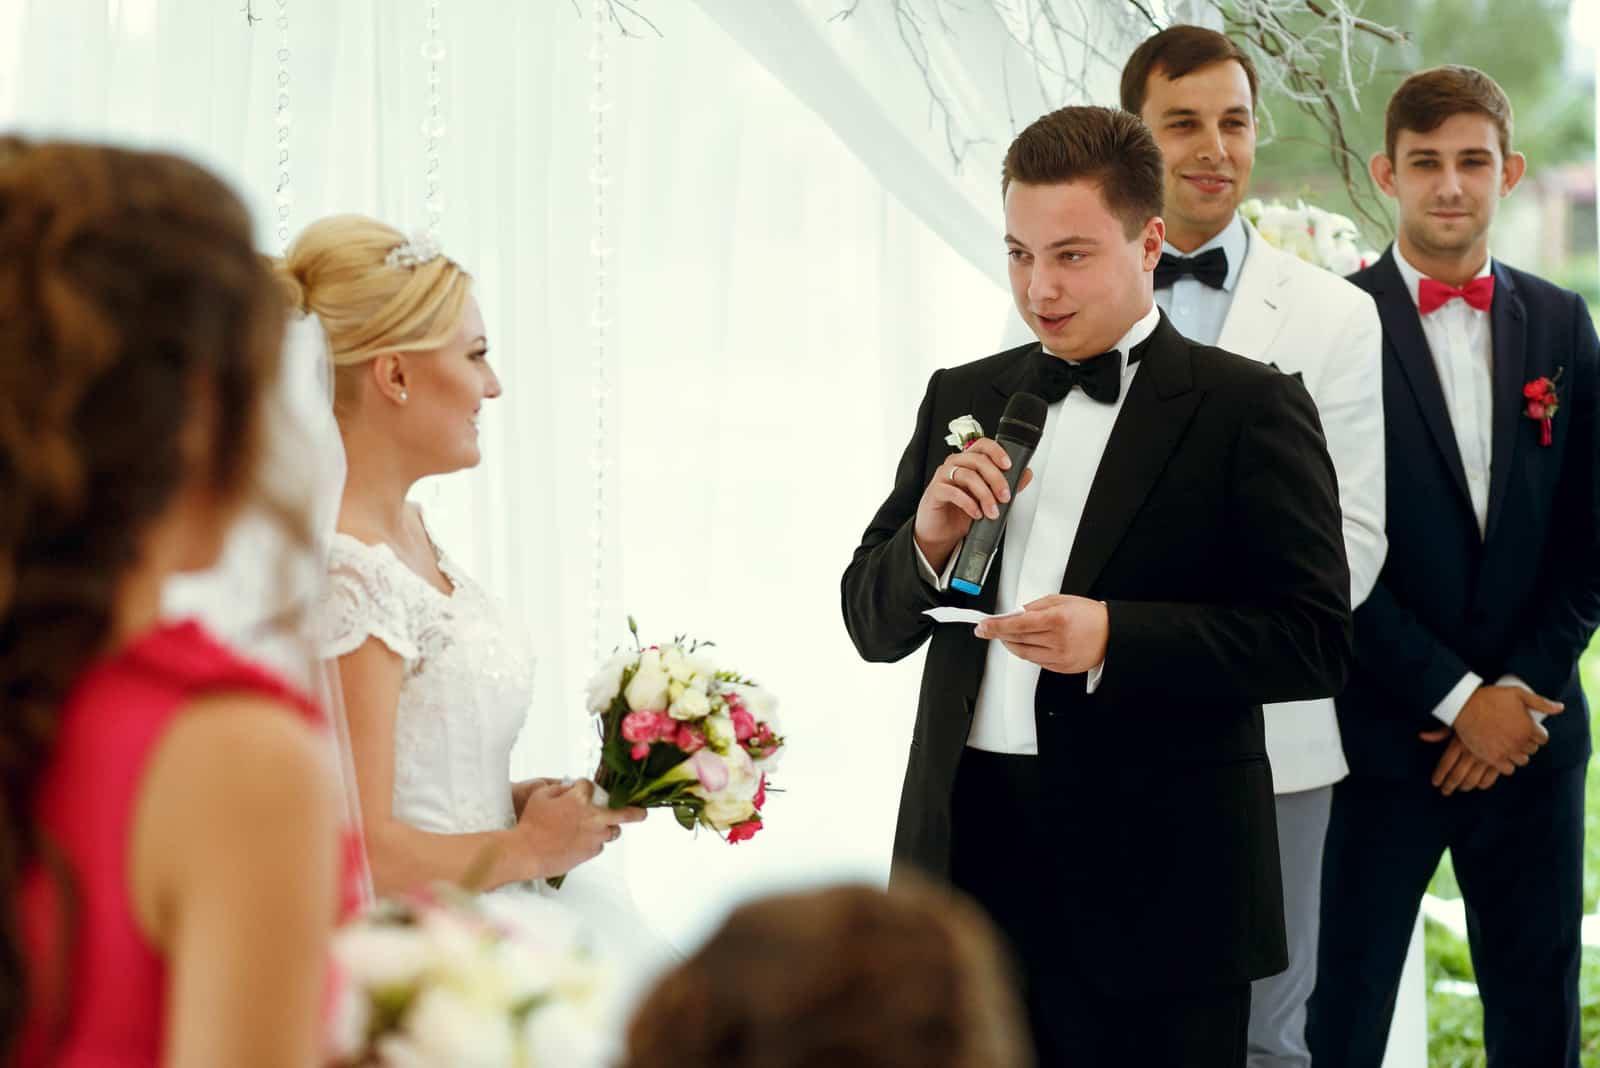 Glückliche Braut und Bräutigam und Gäste auf der Hochzeitszeremonie